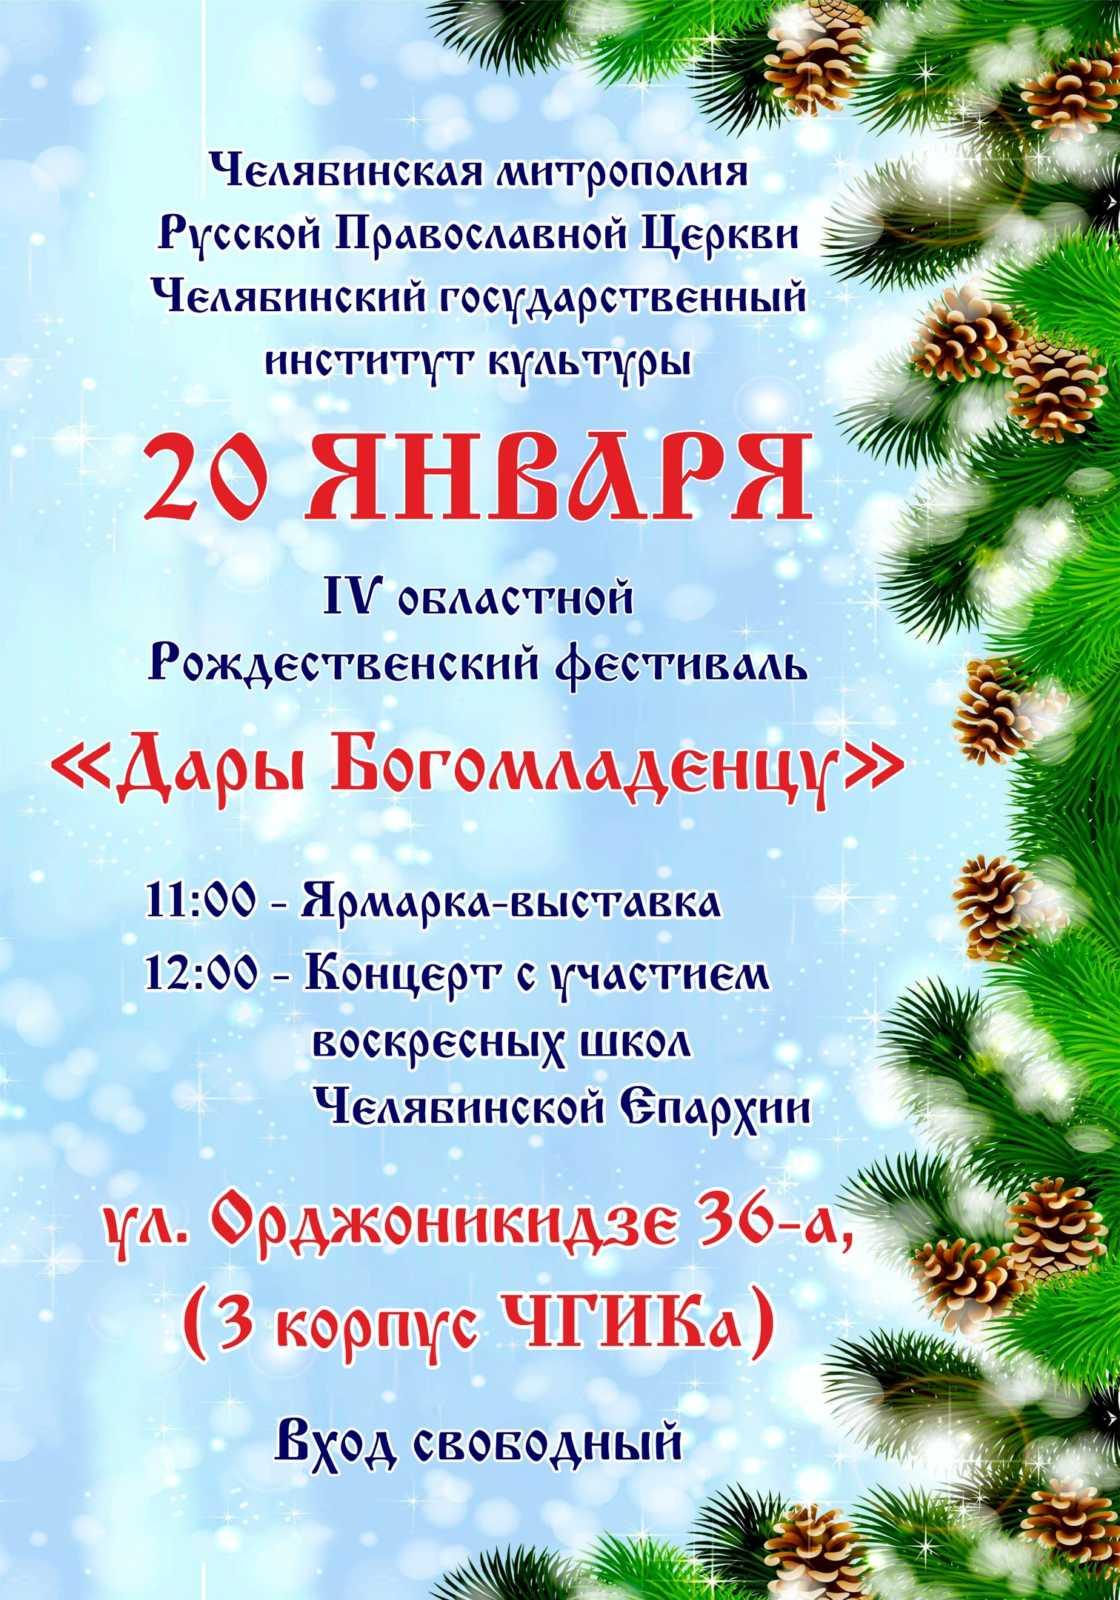 """IV Рождественский фестиваль """"Дары Богомладенцу"""", г. Челябинск, 2019"""